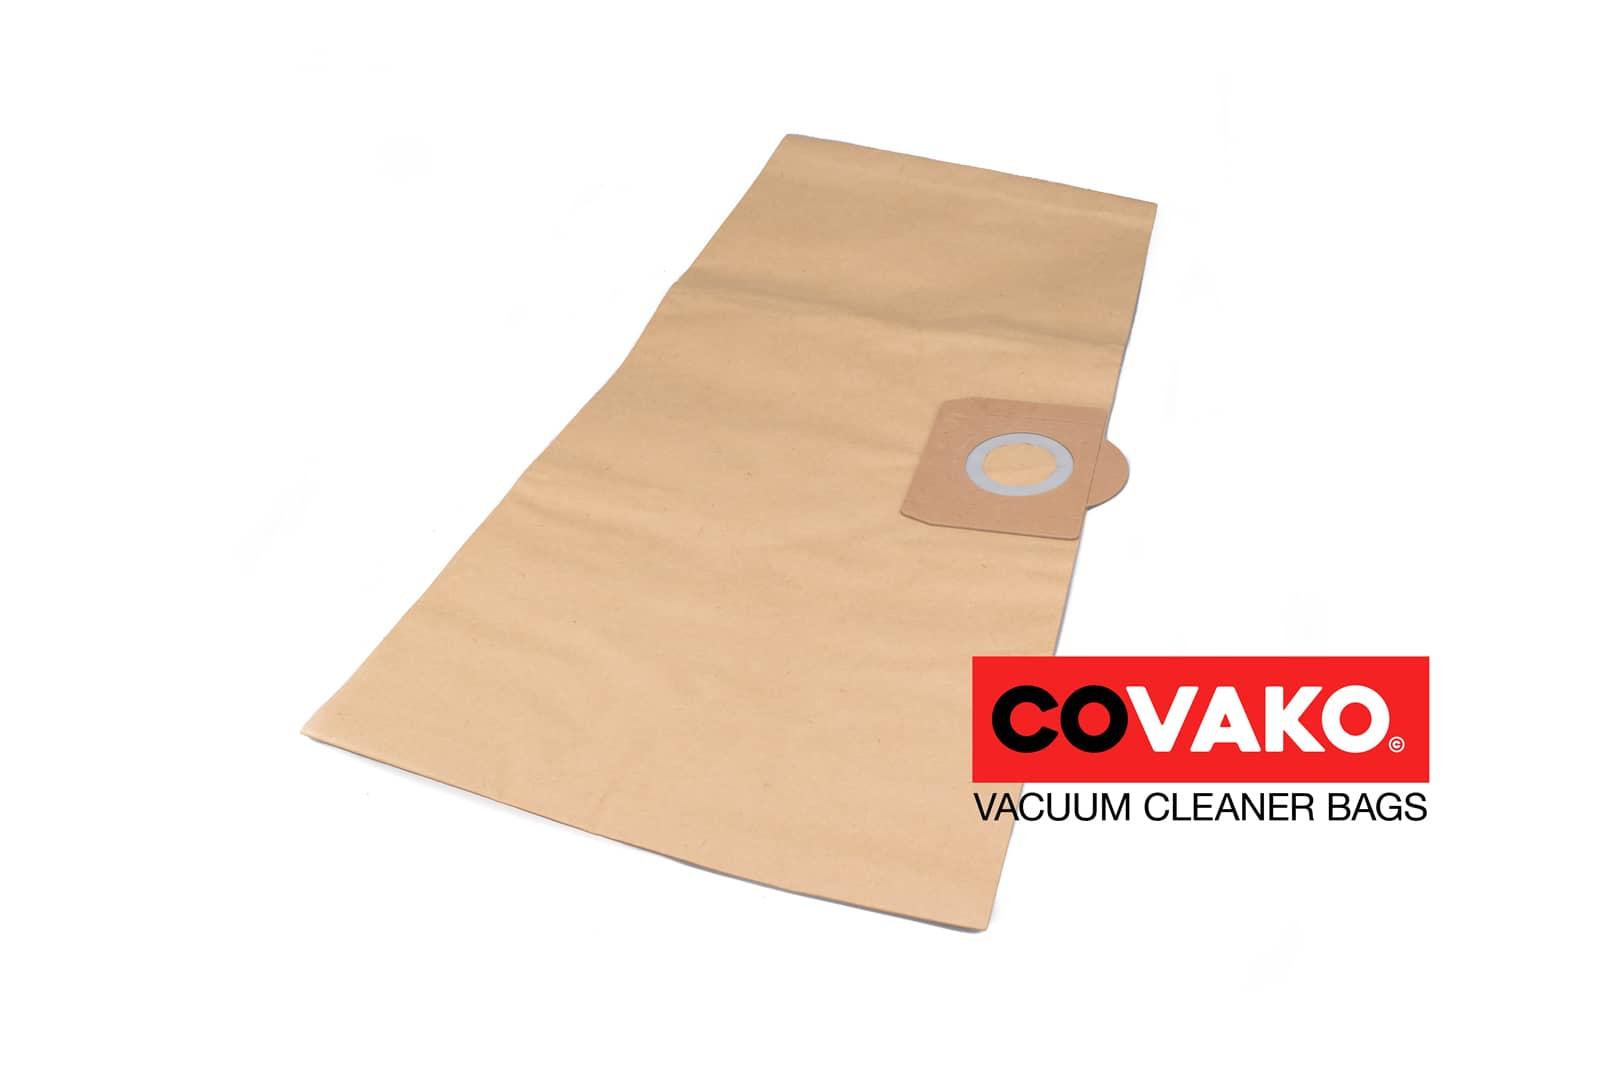 Columbus SW 30 P / Paper - Columbus vacuum cleaner bags